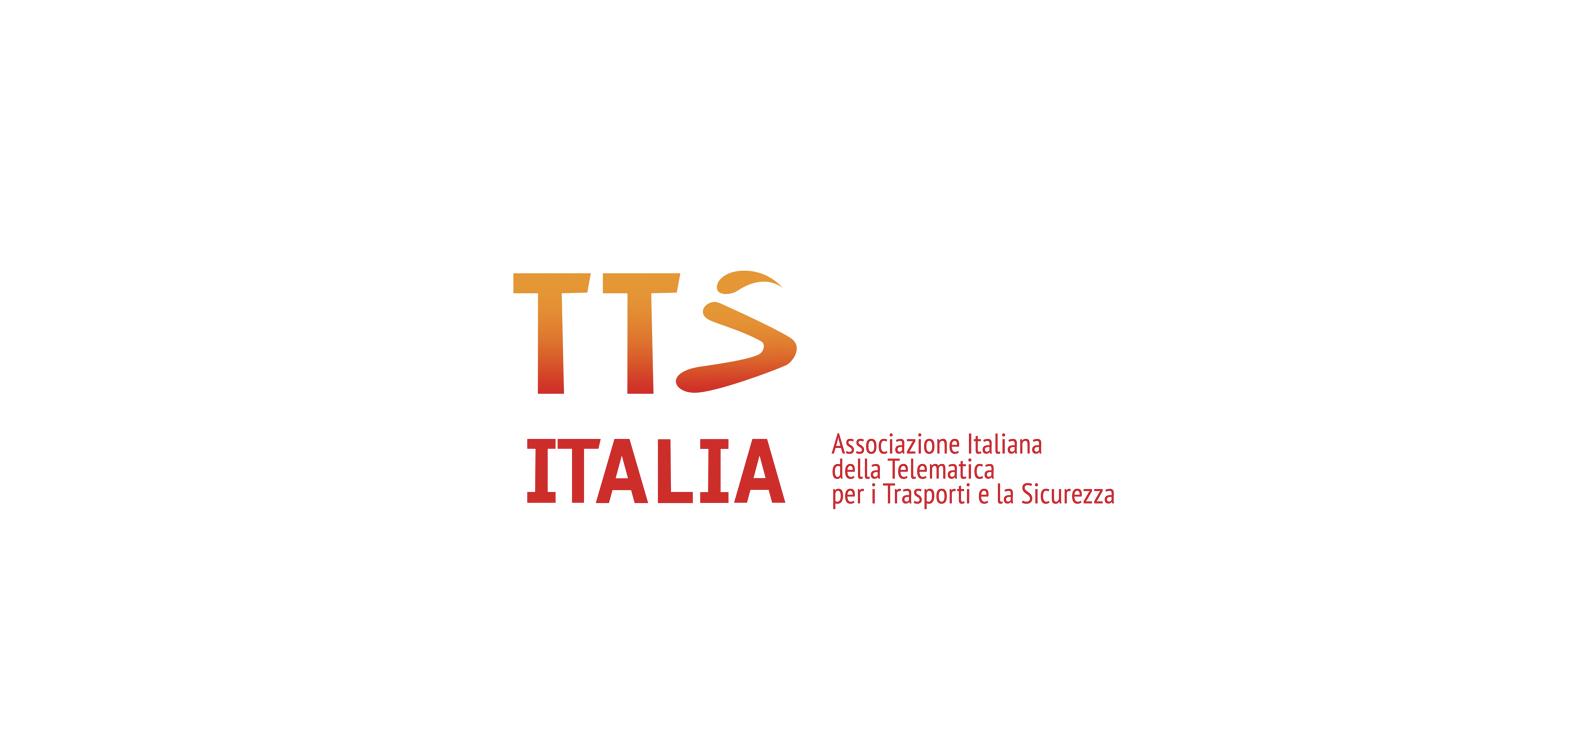 TTS ITALIA